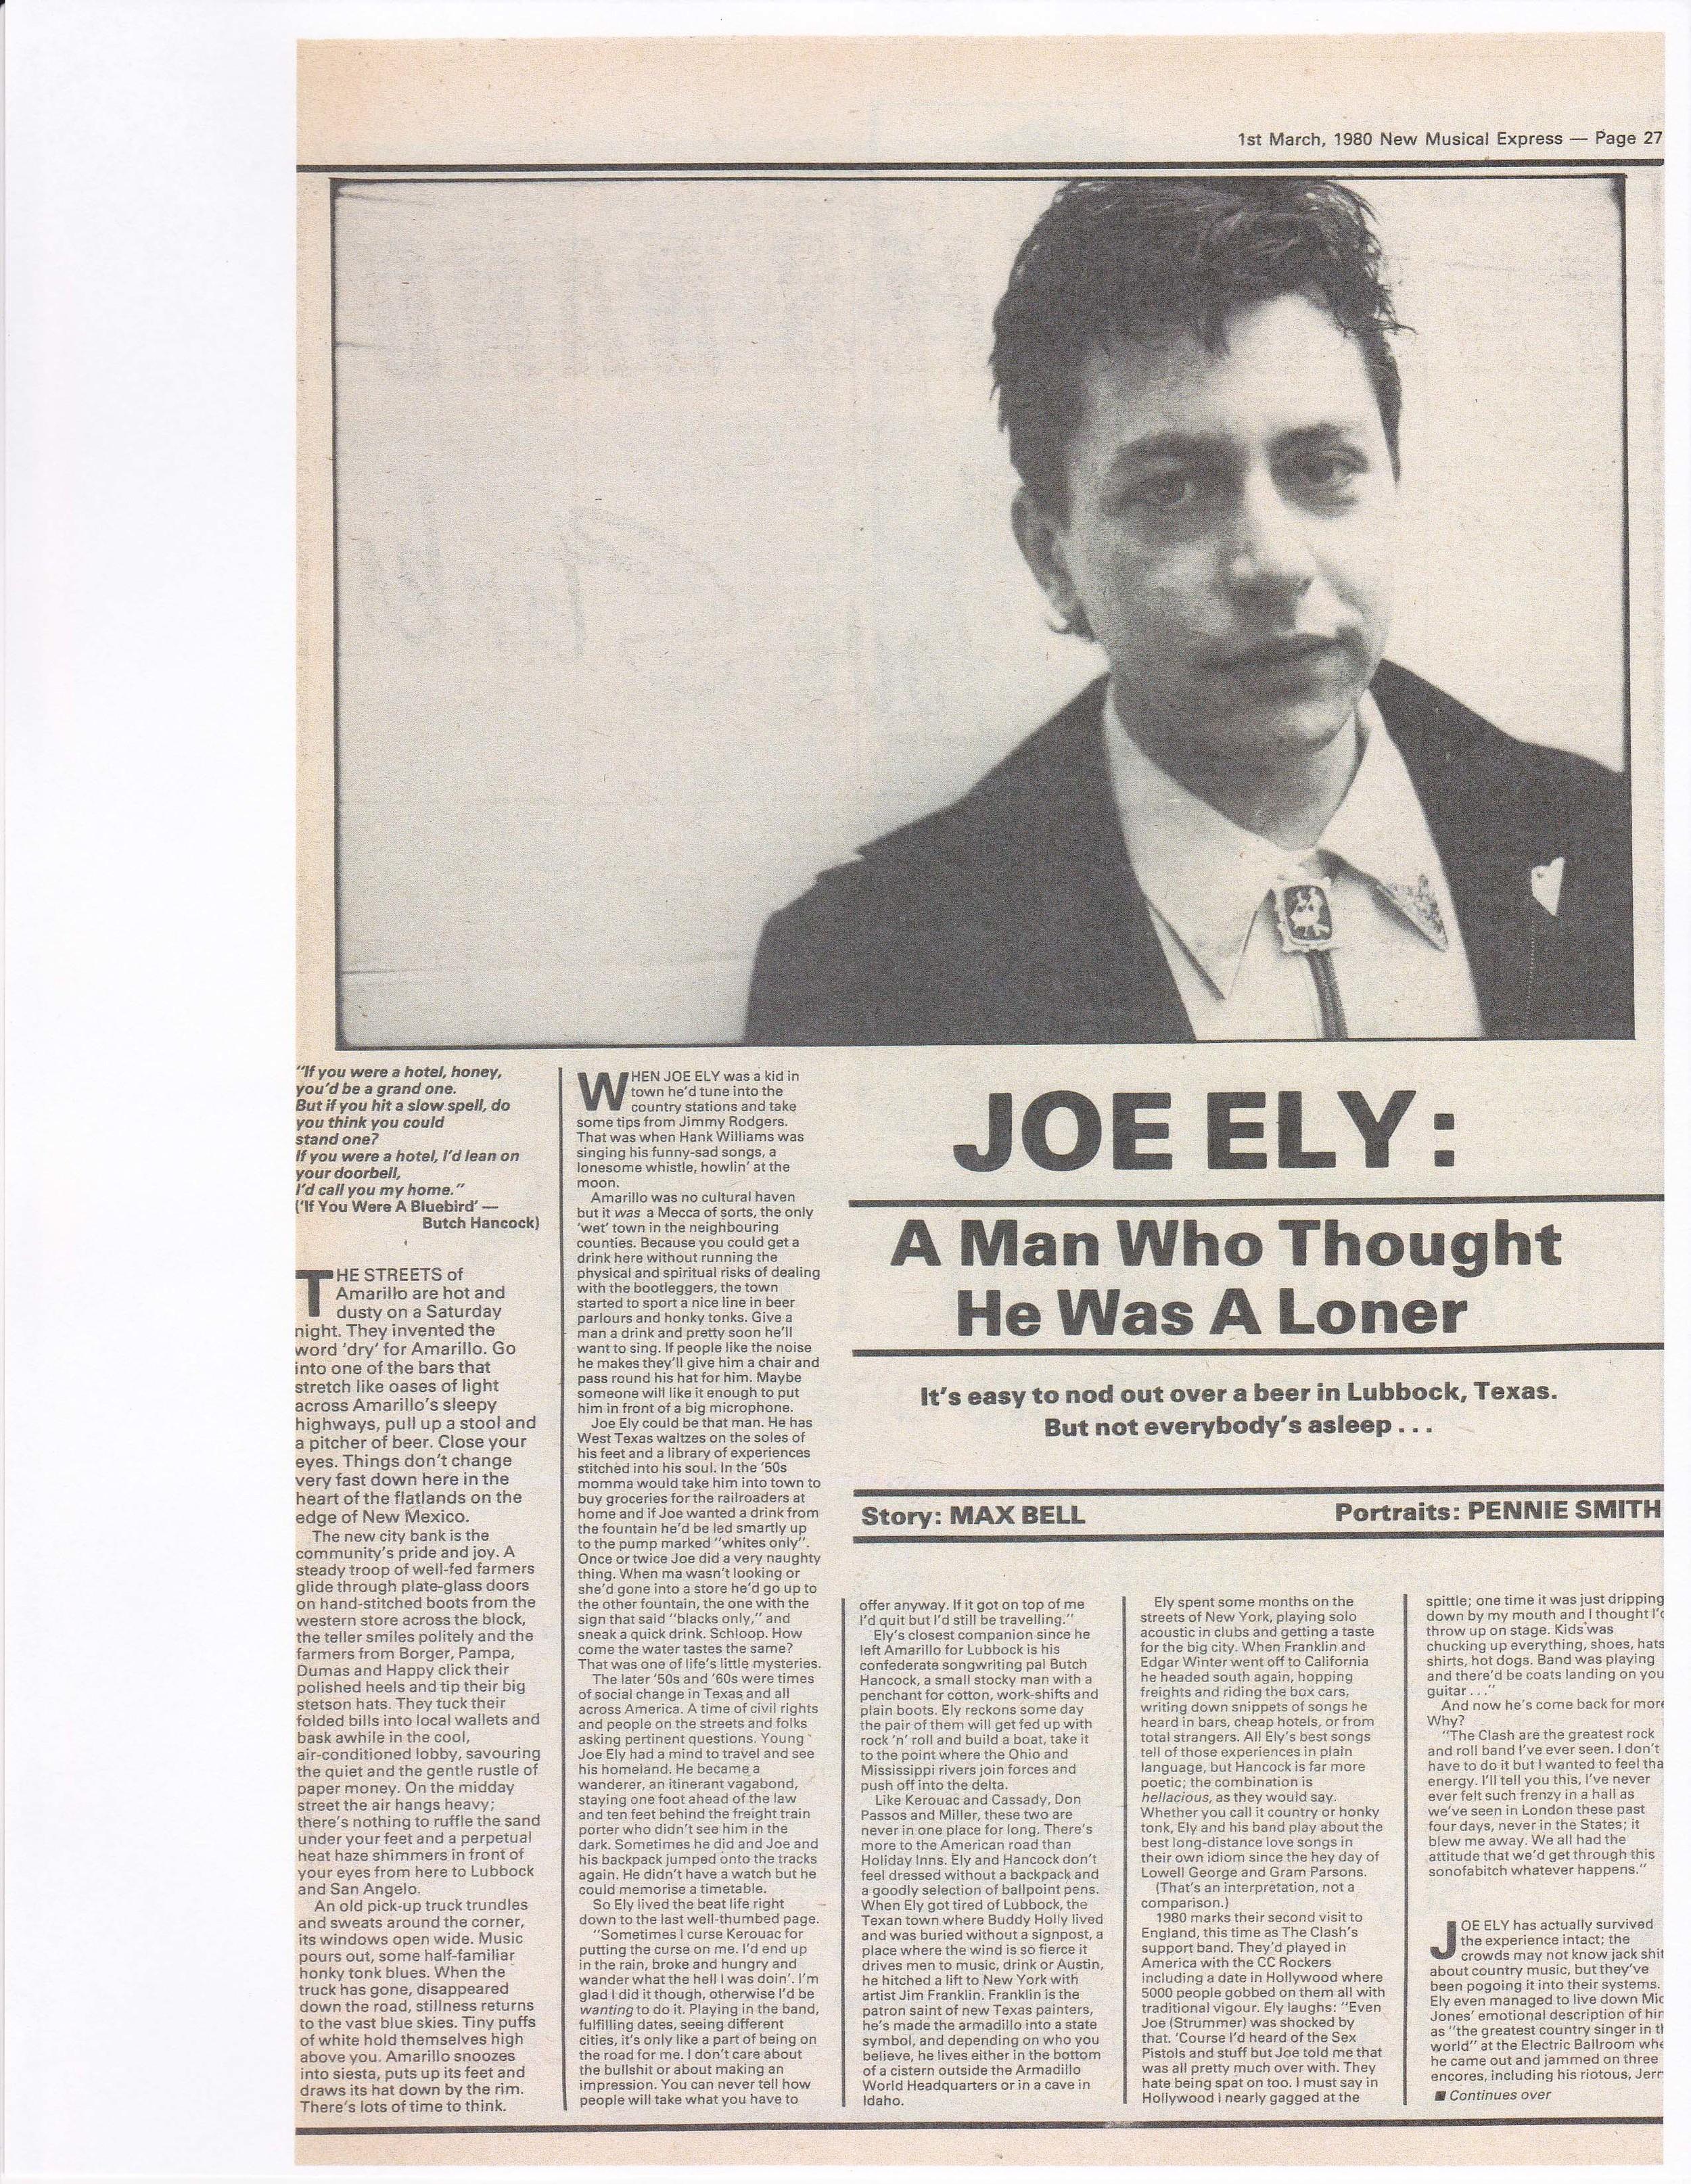 Joe Ely 028.jpg